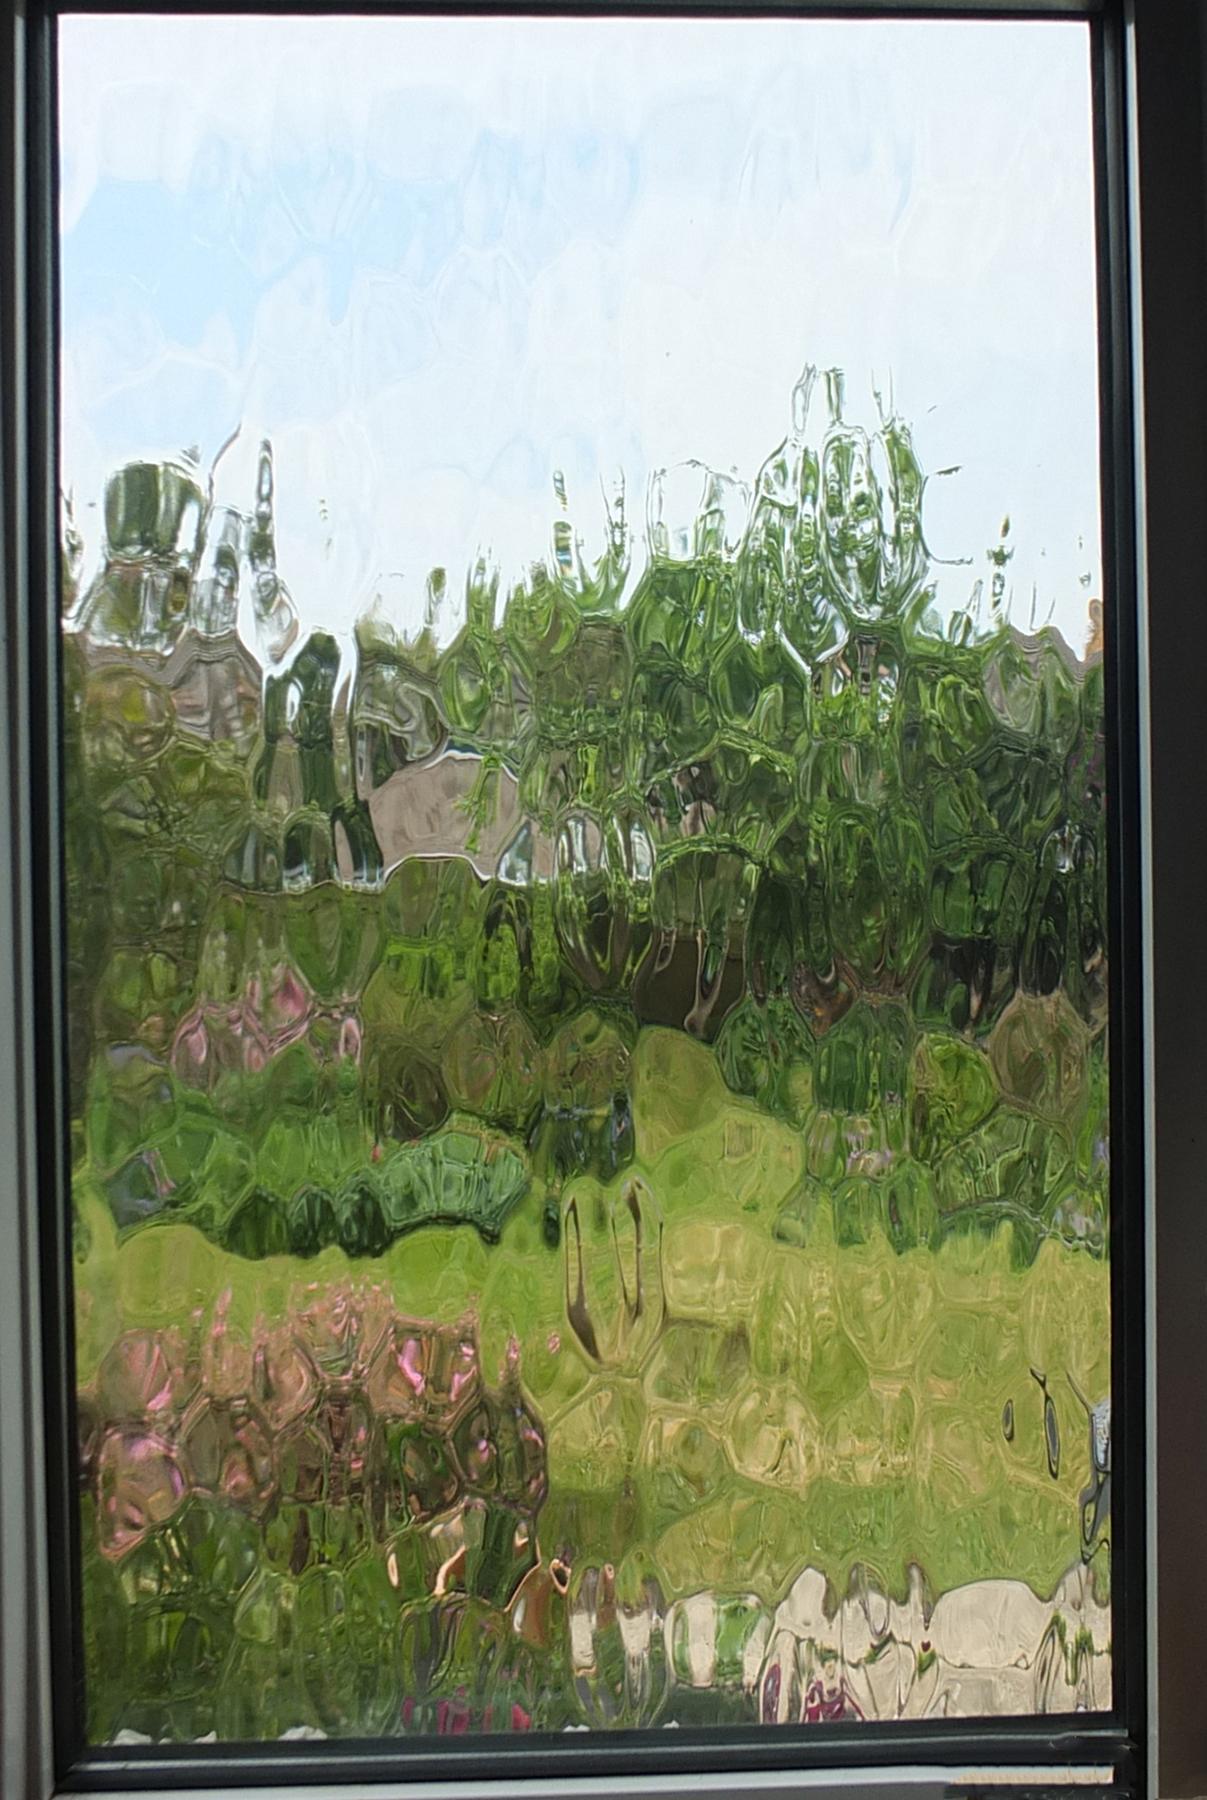 Angela_P_Schapiro_Through my Window.jpg.jpg